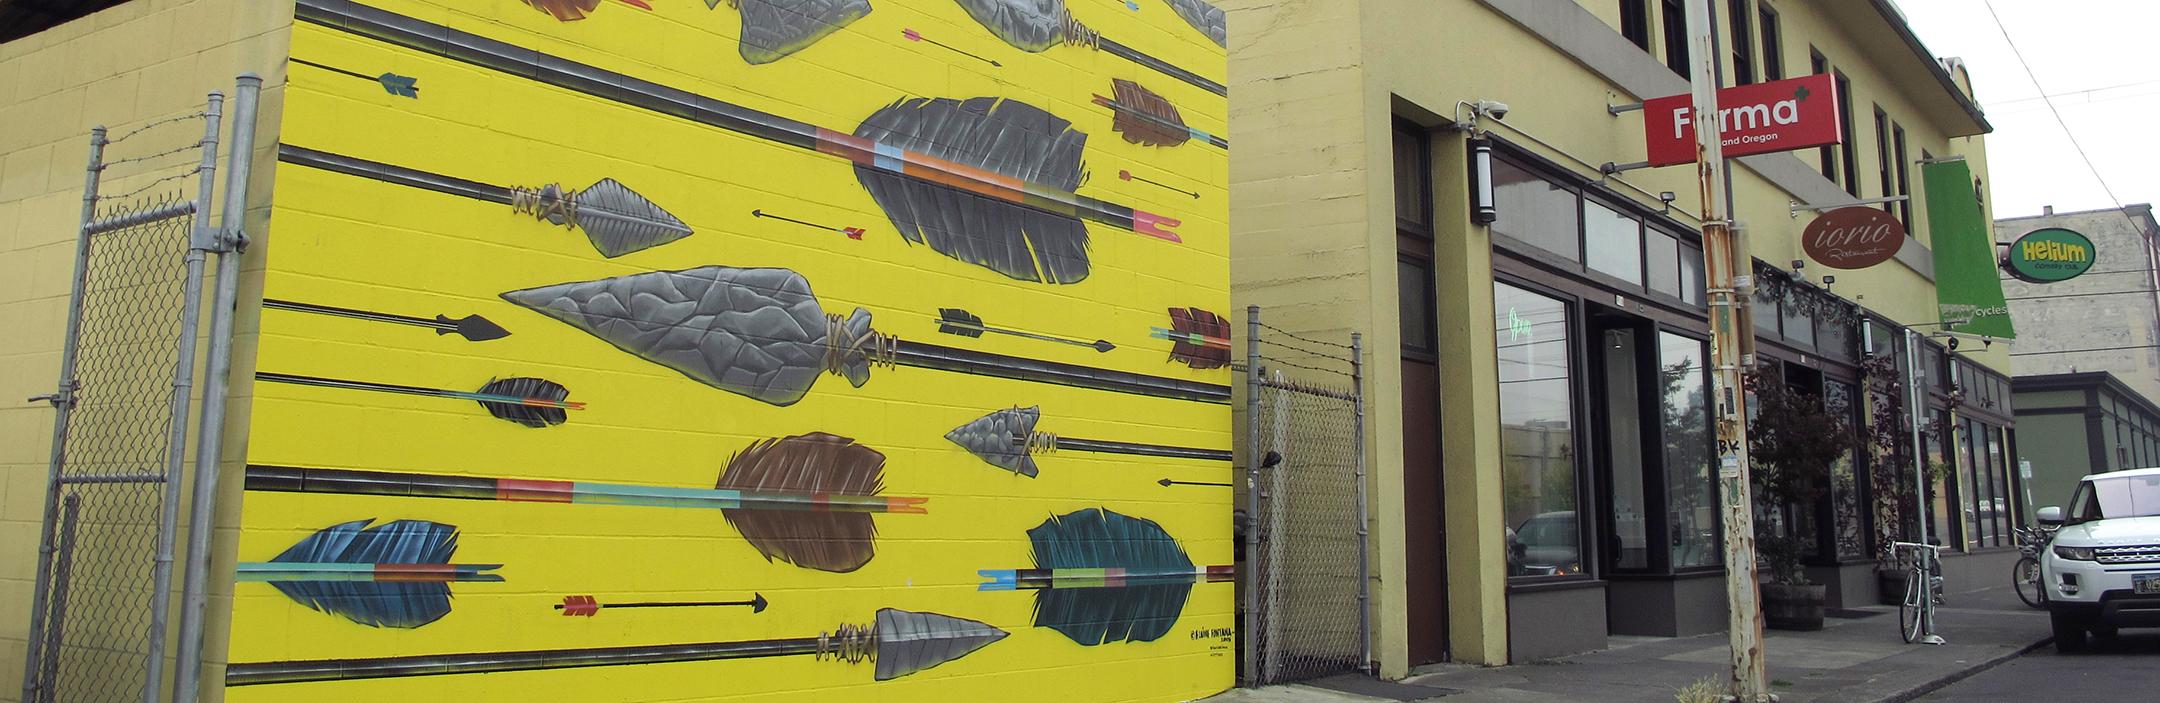 hawthorne_arrows_fullbuilding_BANNER.jpg